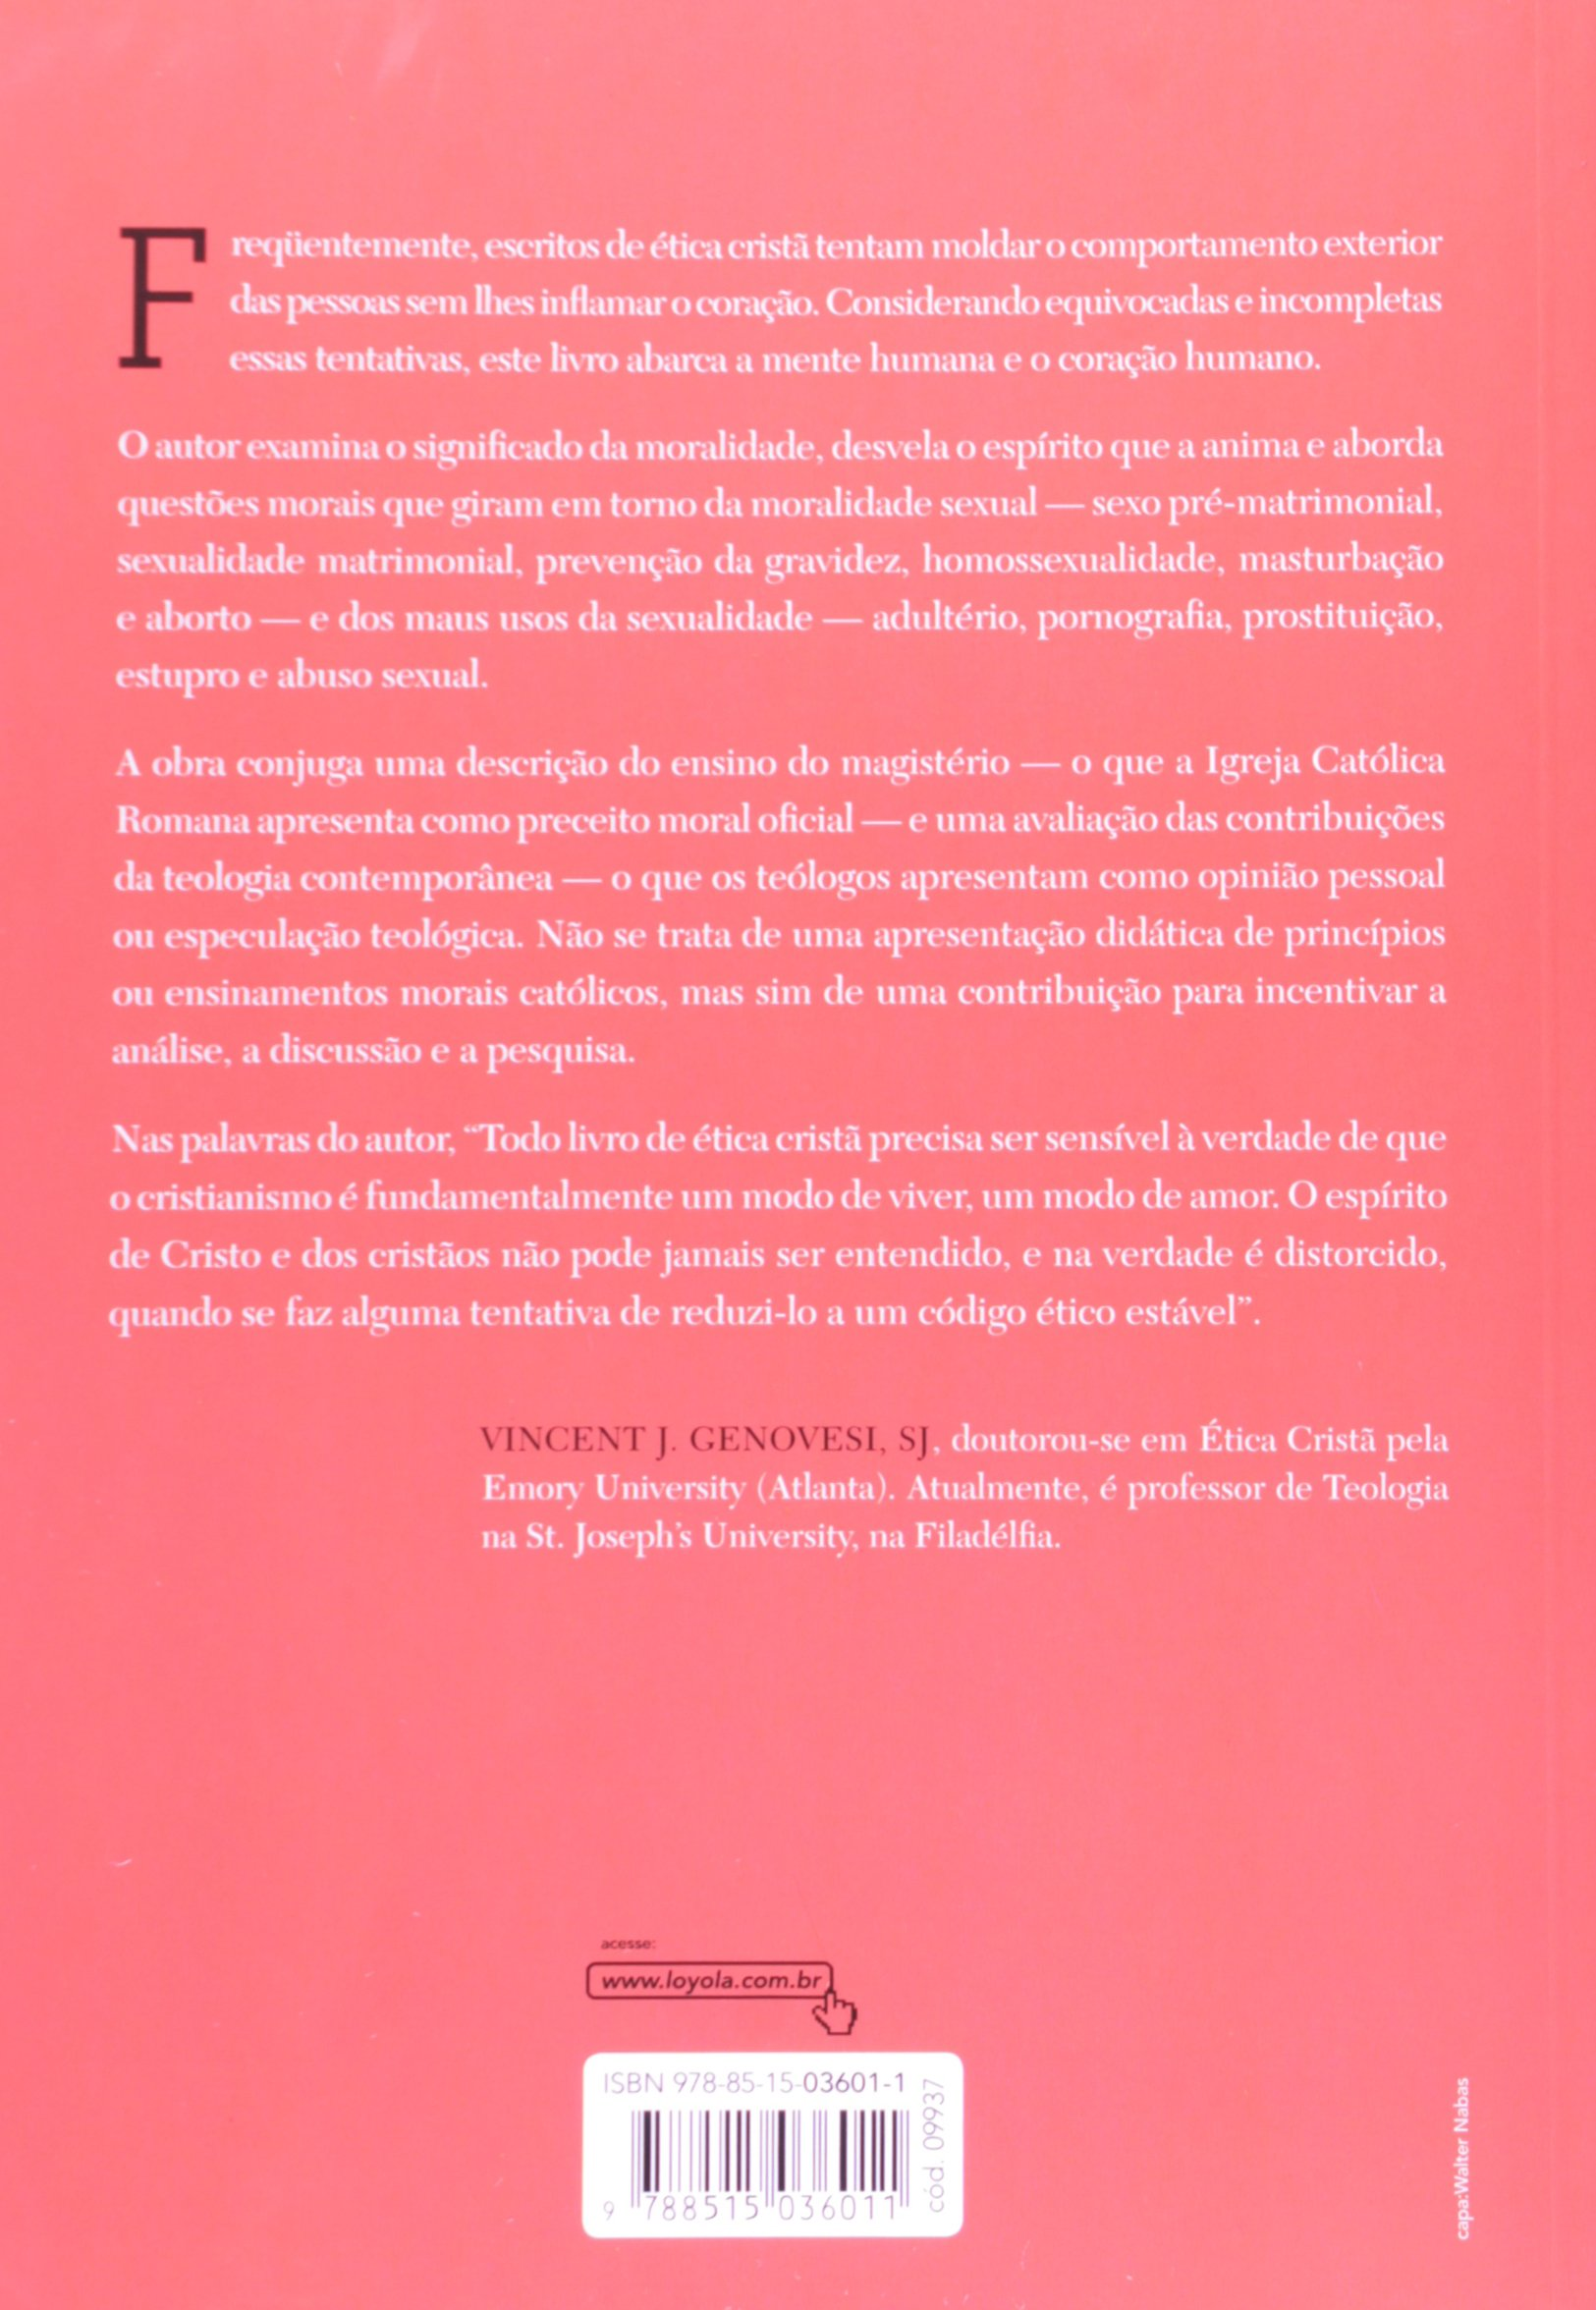 Em Busca Do Amor. Moralidade Católica E Sexualidade Humana: Vincent J. Genovesi: 9788515036011: Amazon.com: Books